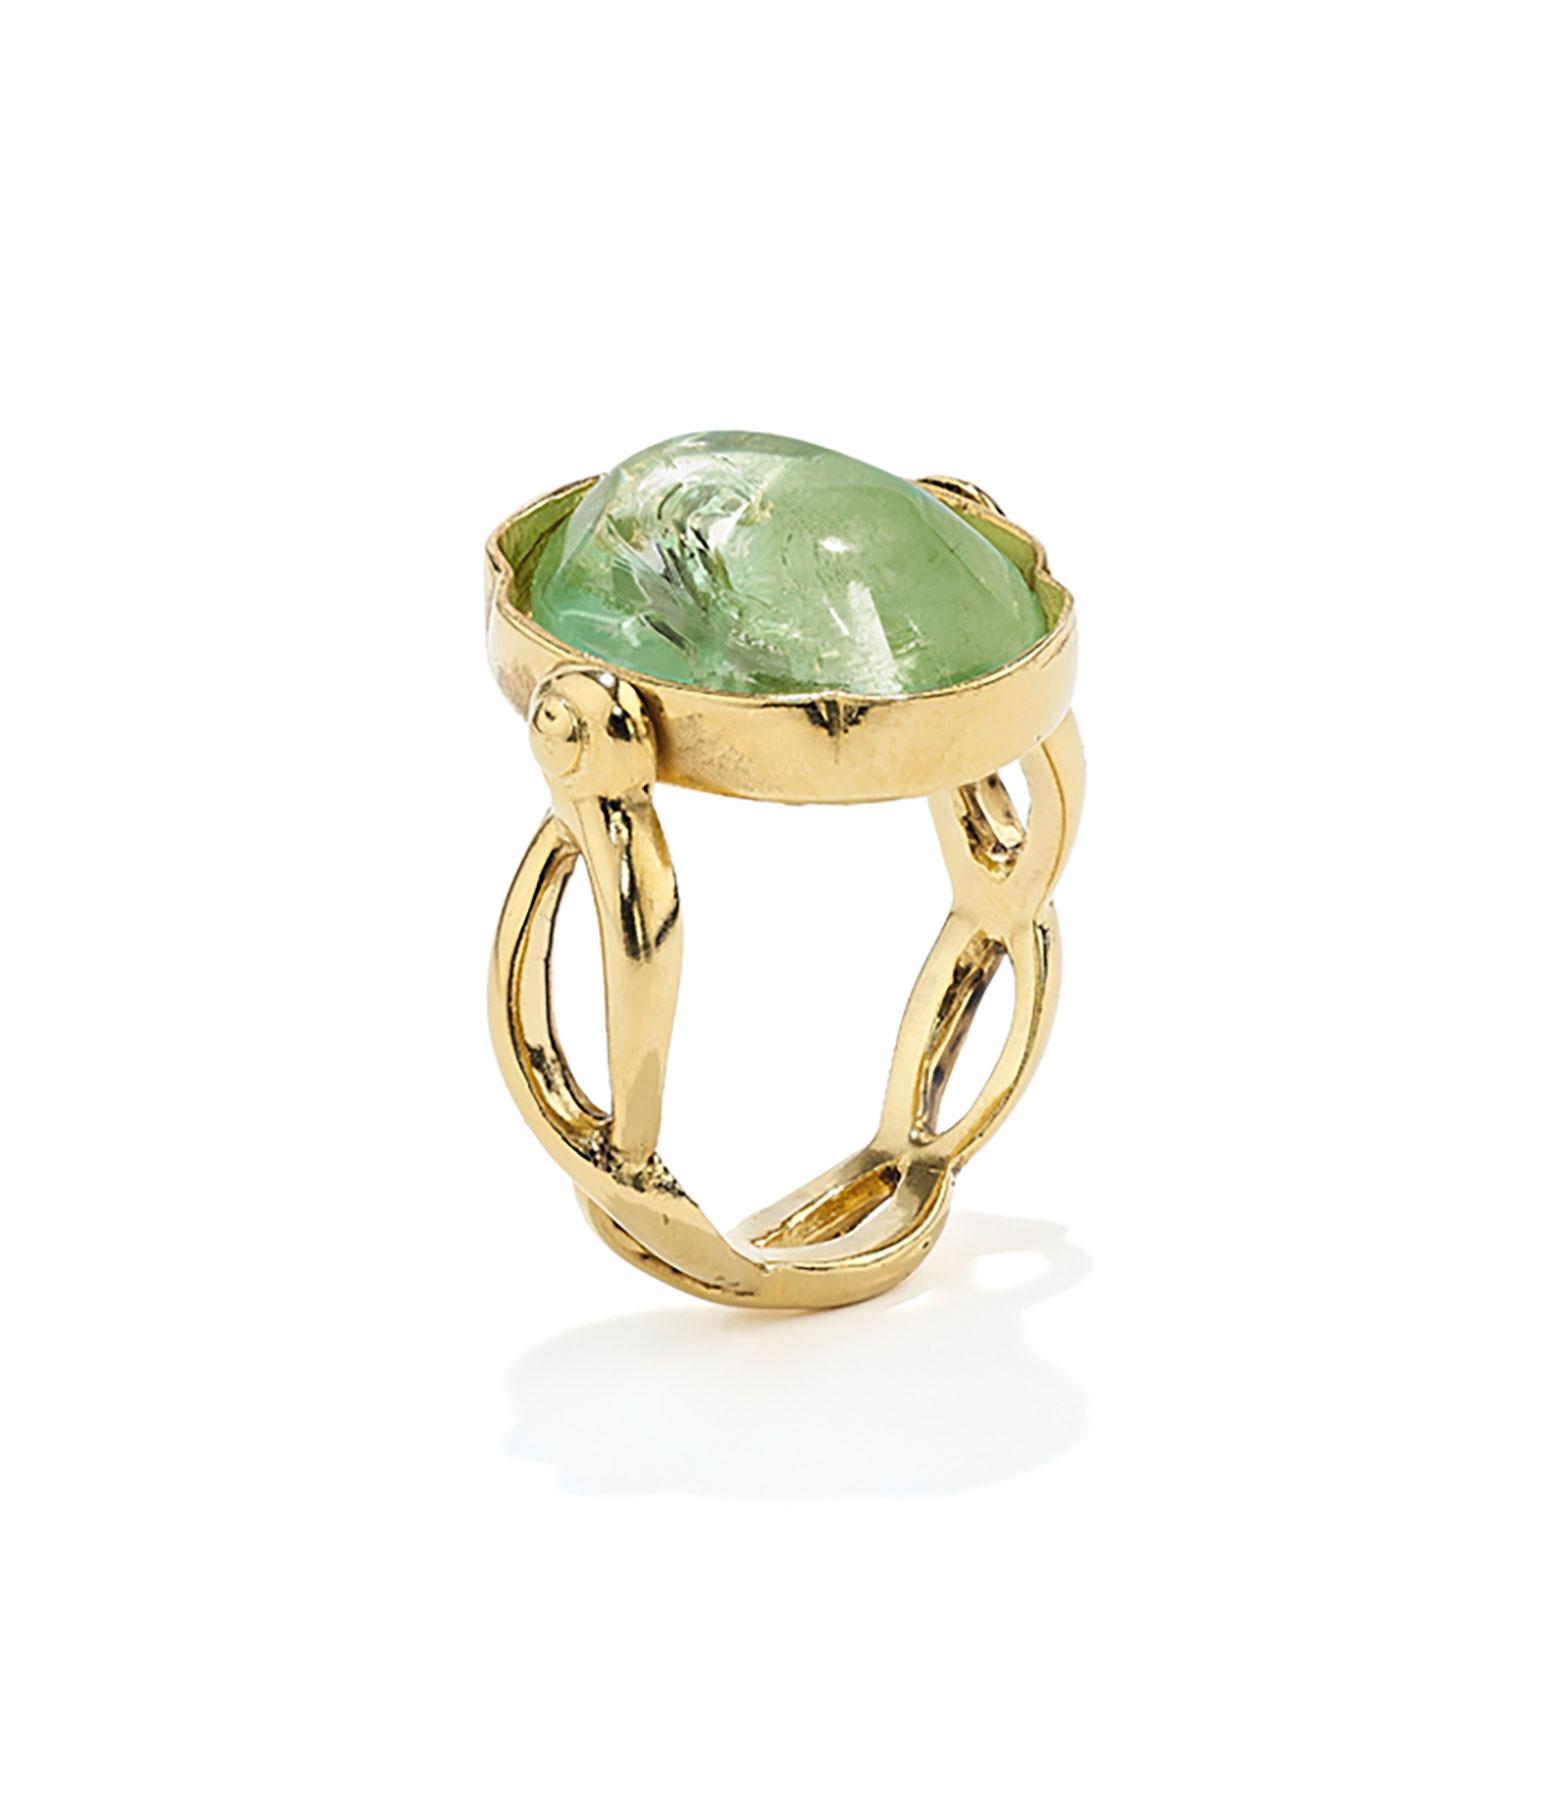 GOOSSENS - Bague Cabochon Ovale Cristal de Roche Vert Clair Plaqué Or